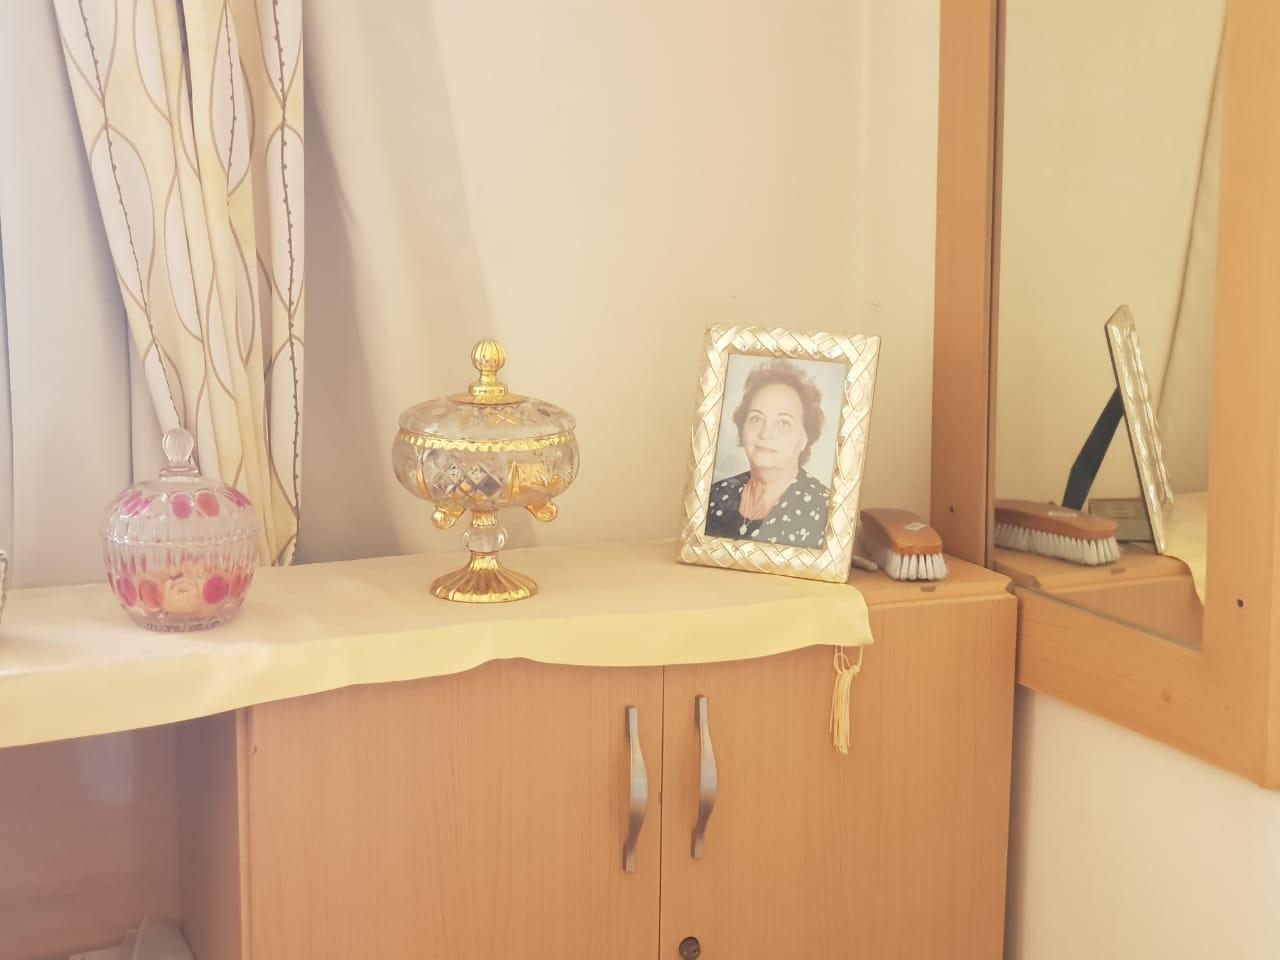 يوانا حبيب داخل دار المسنين (1)